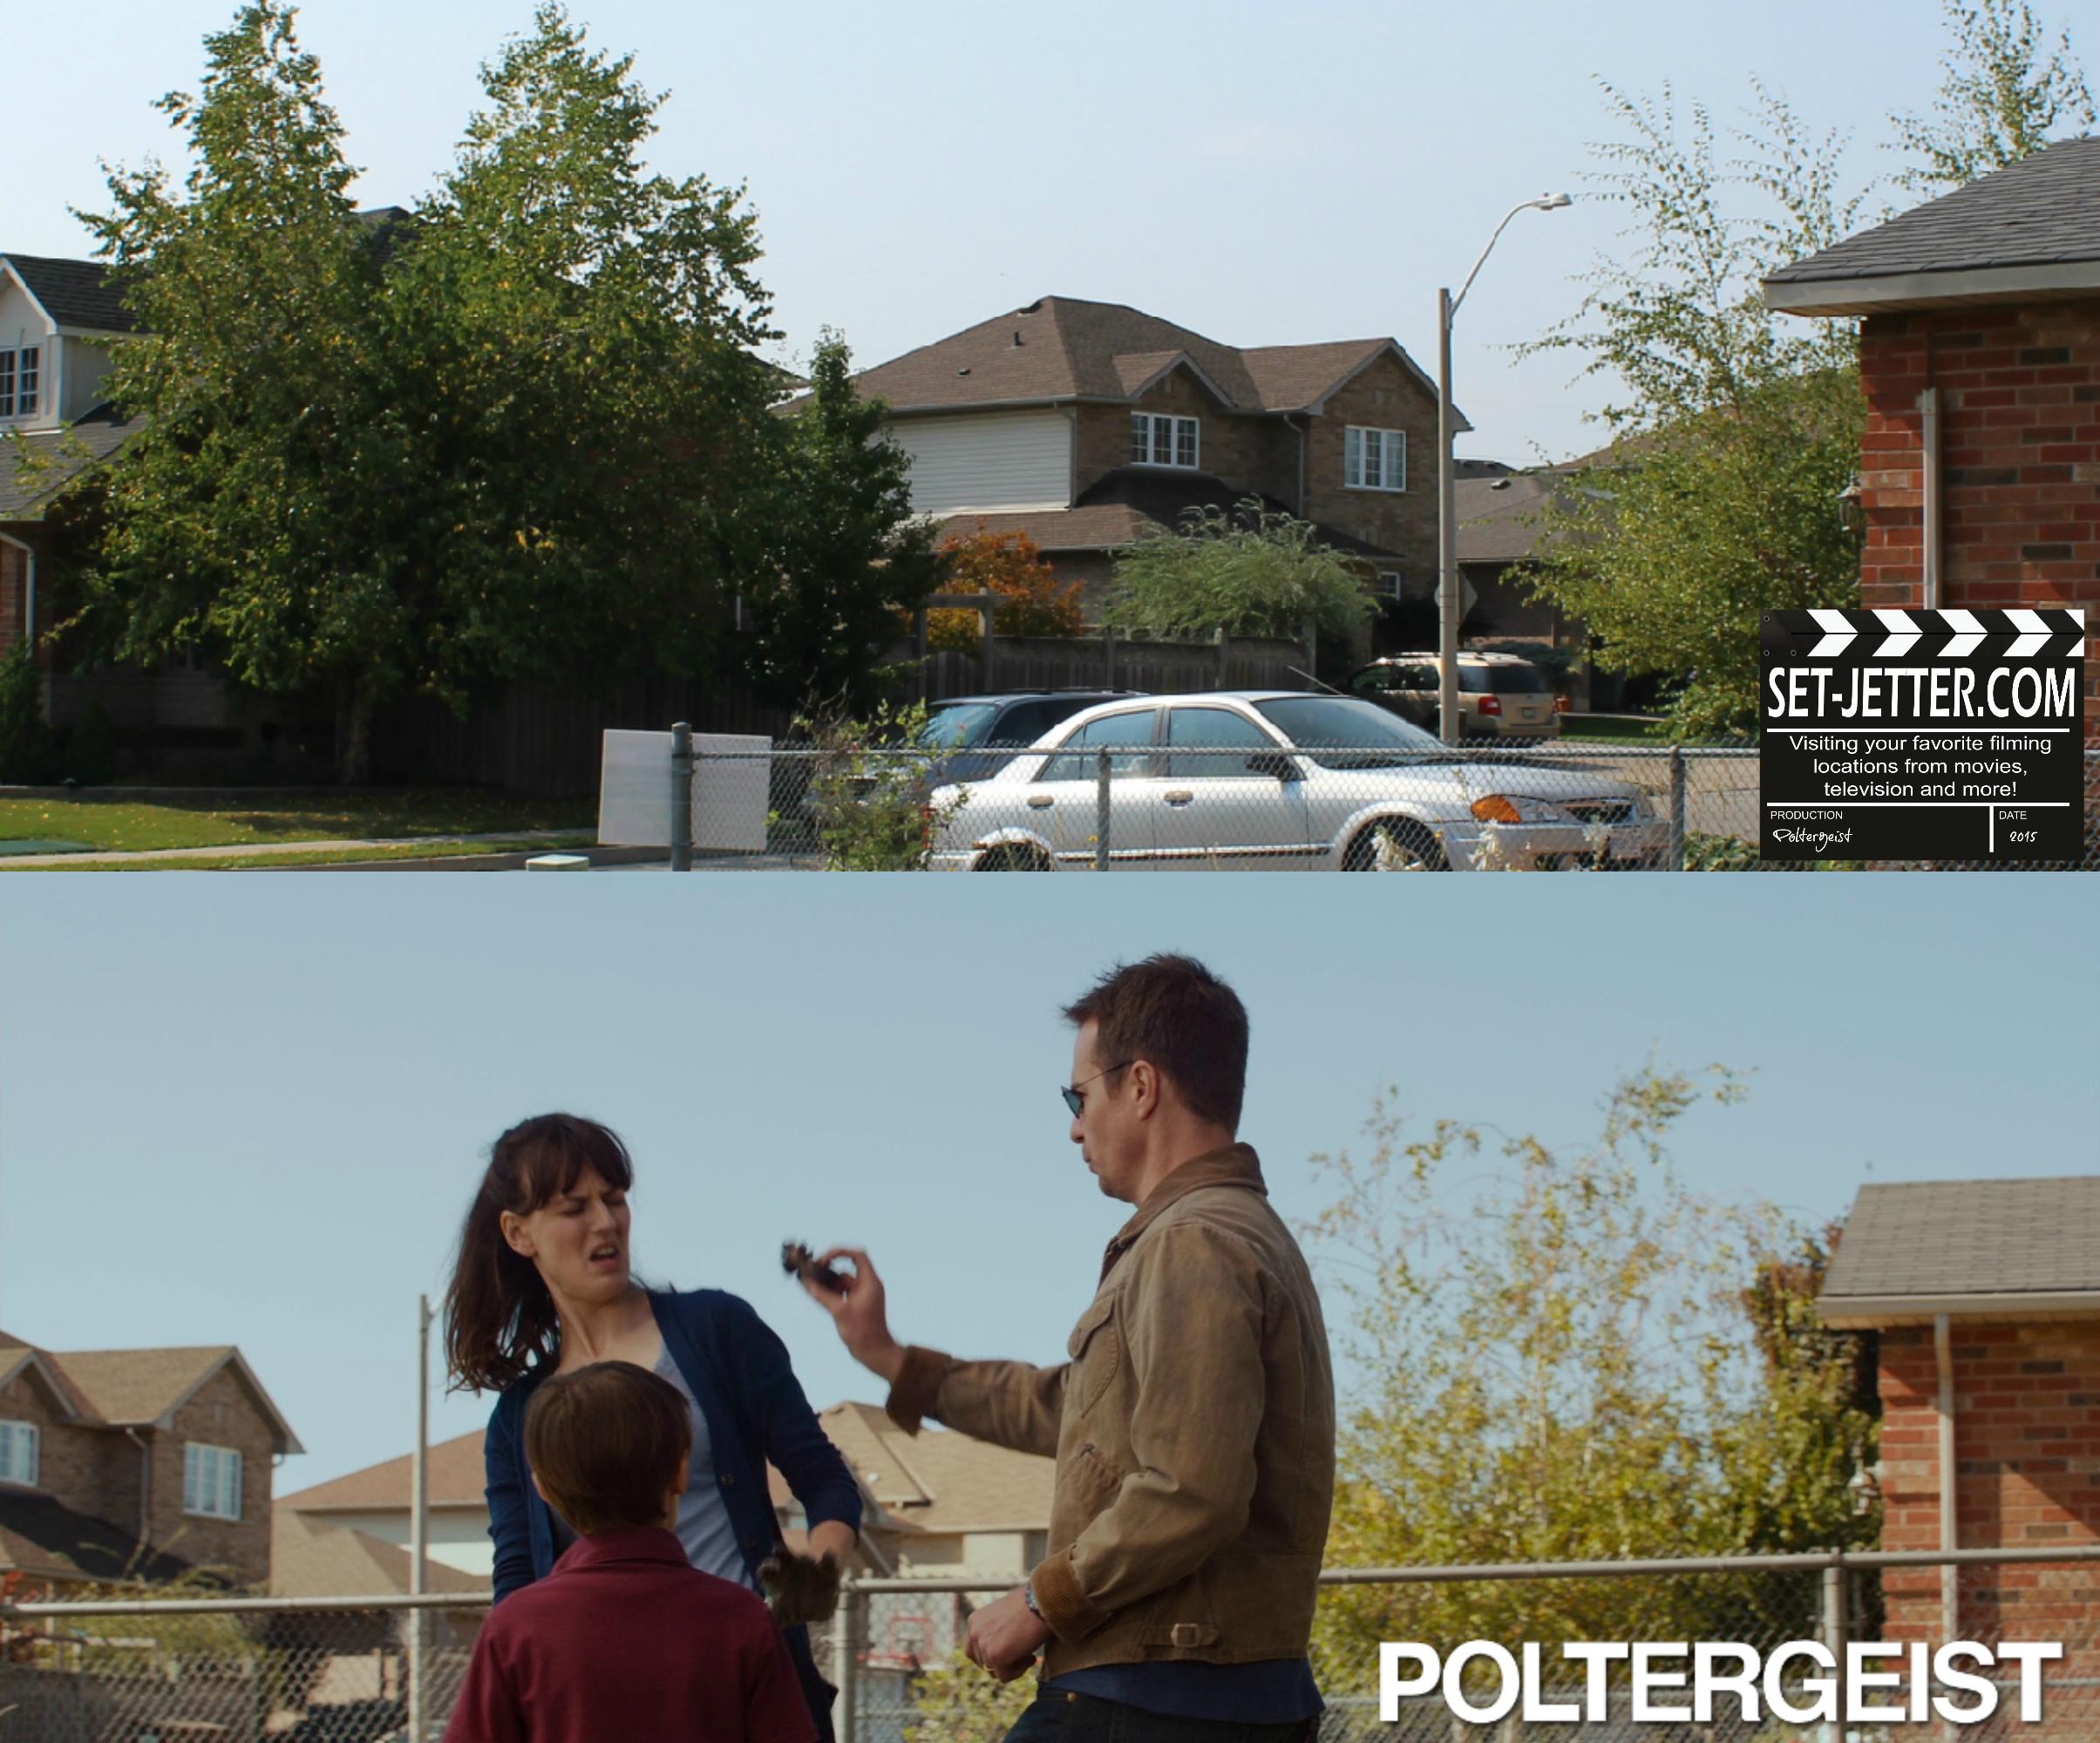 Poltergeist comparison 67.jpg